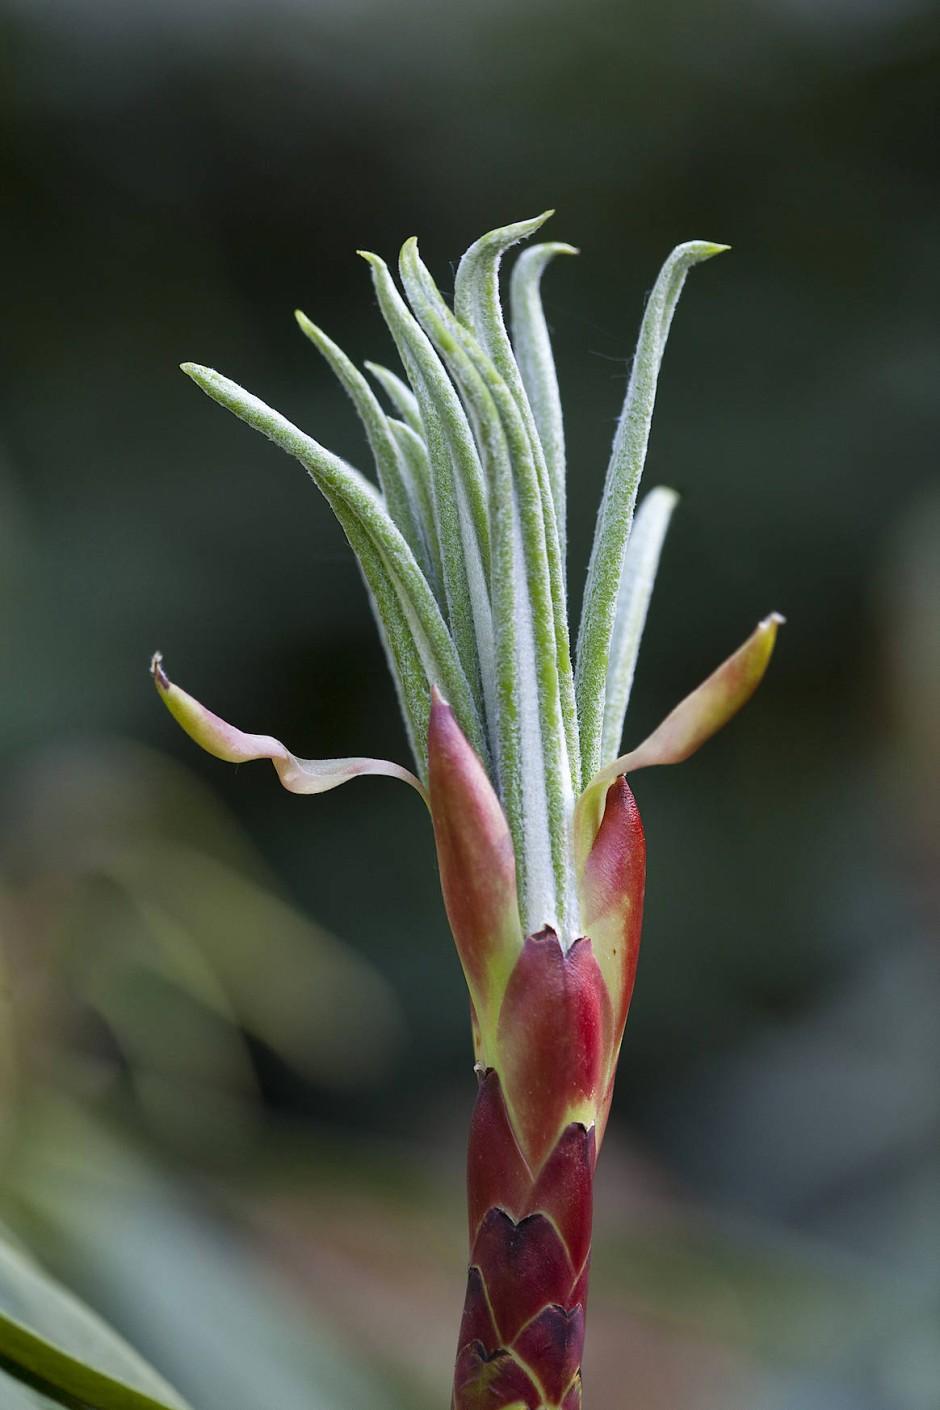 Vielversprechend: Austrieb des Riesenblatt-Rhododendrons.